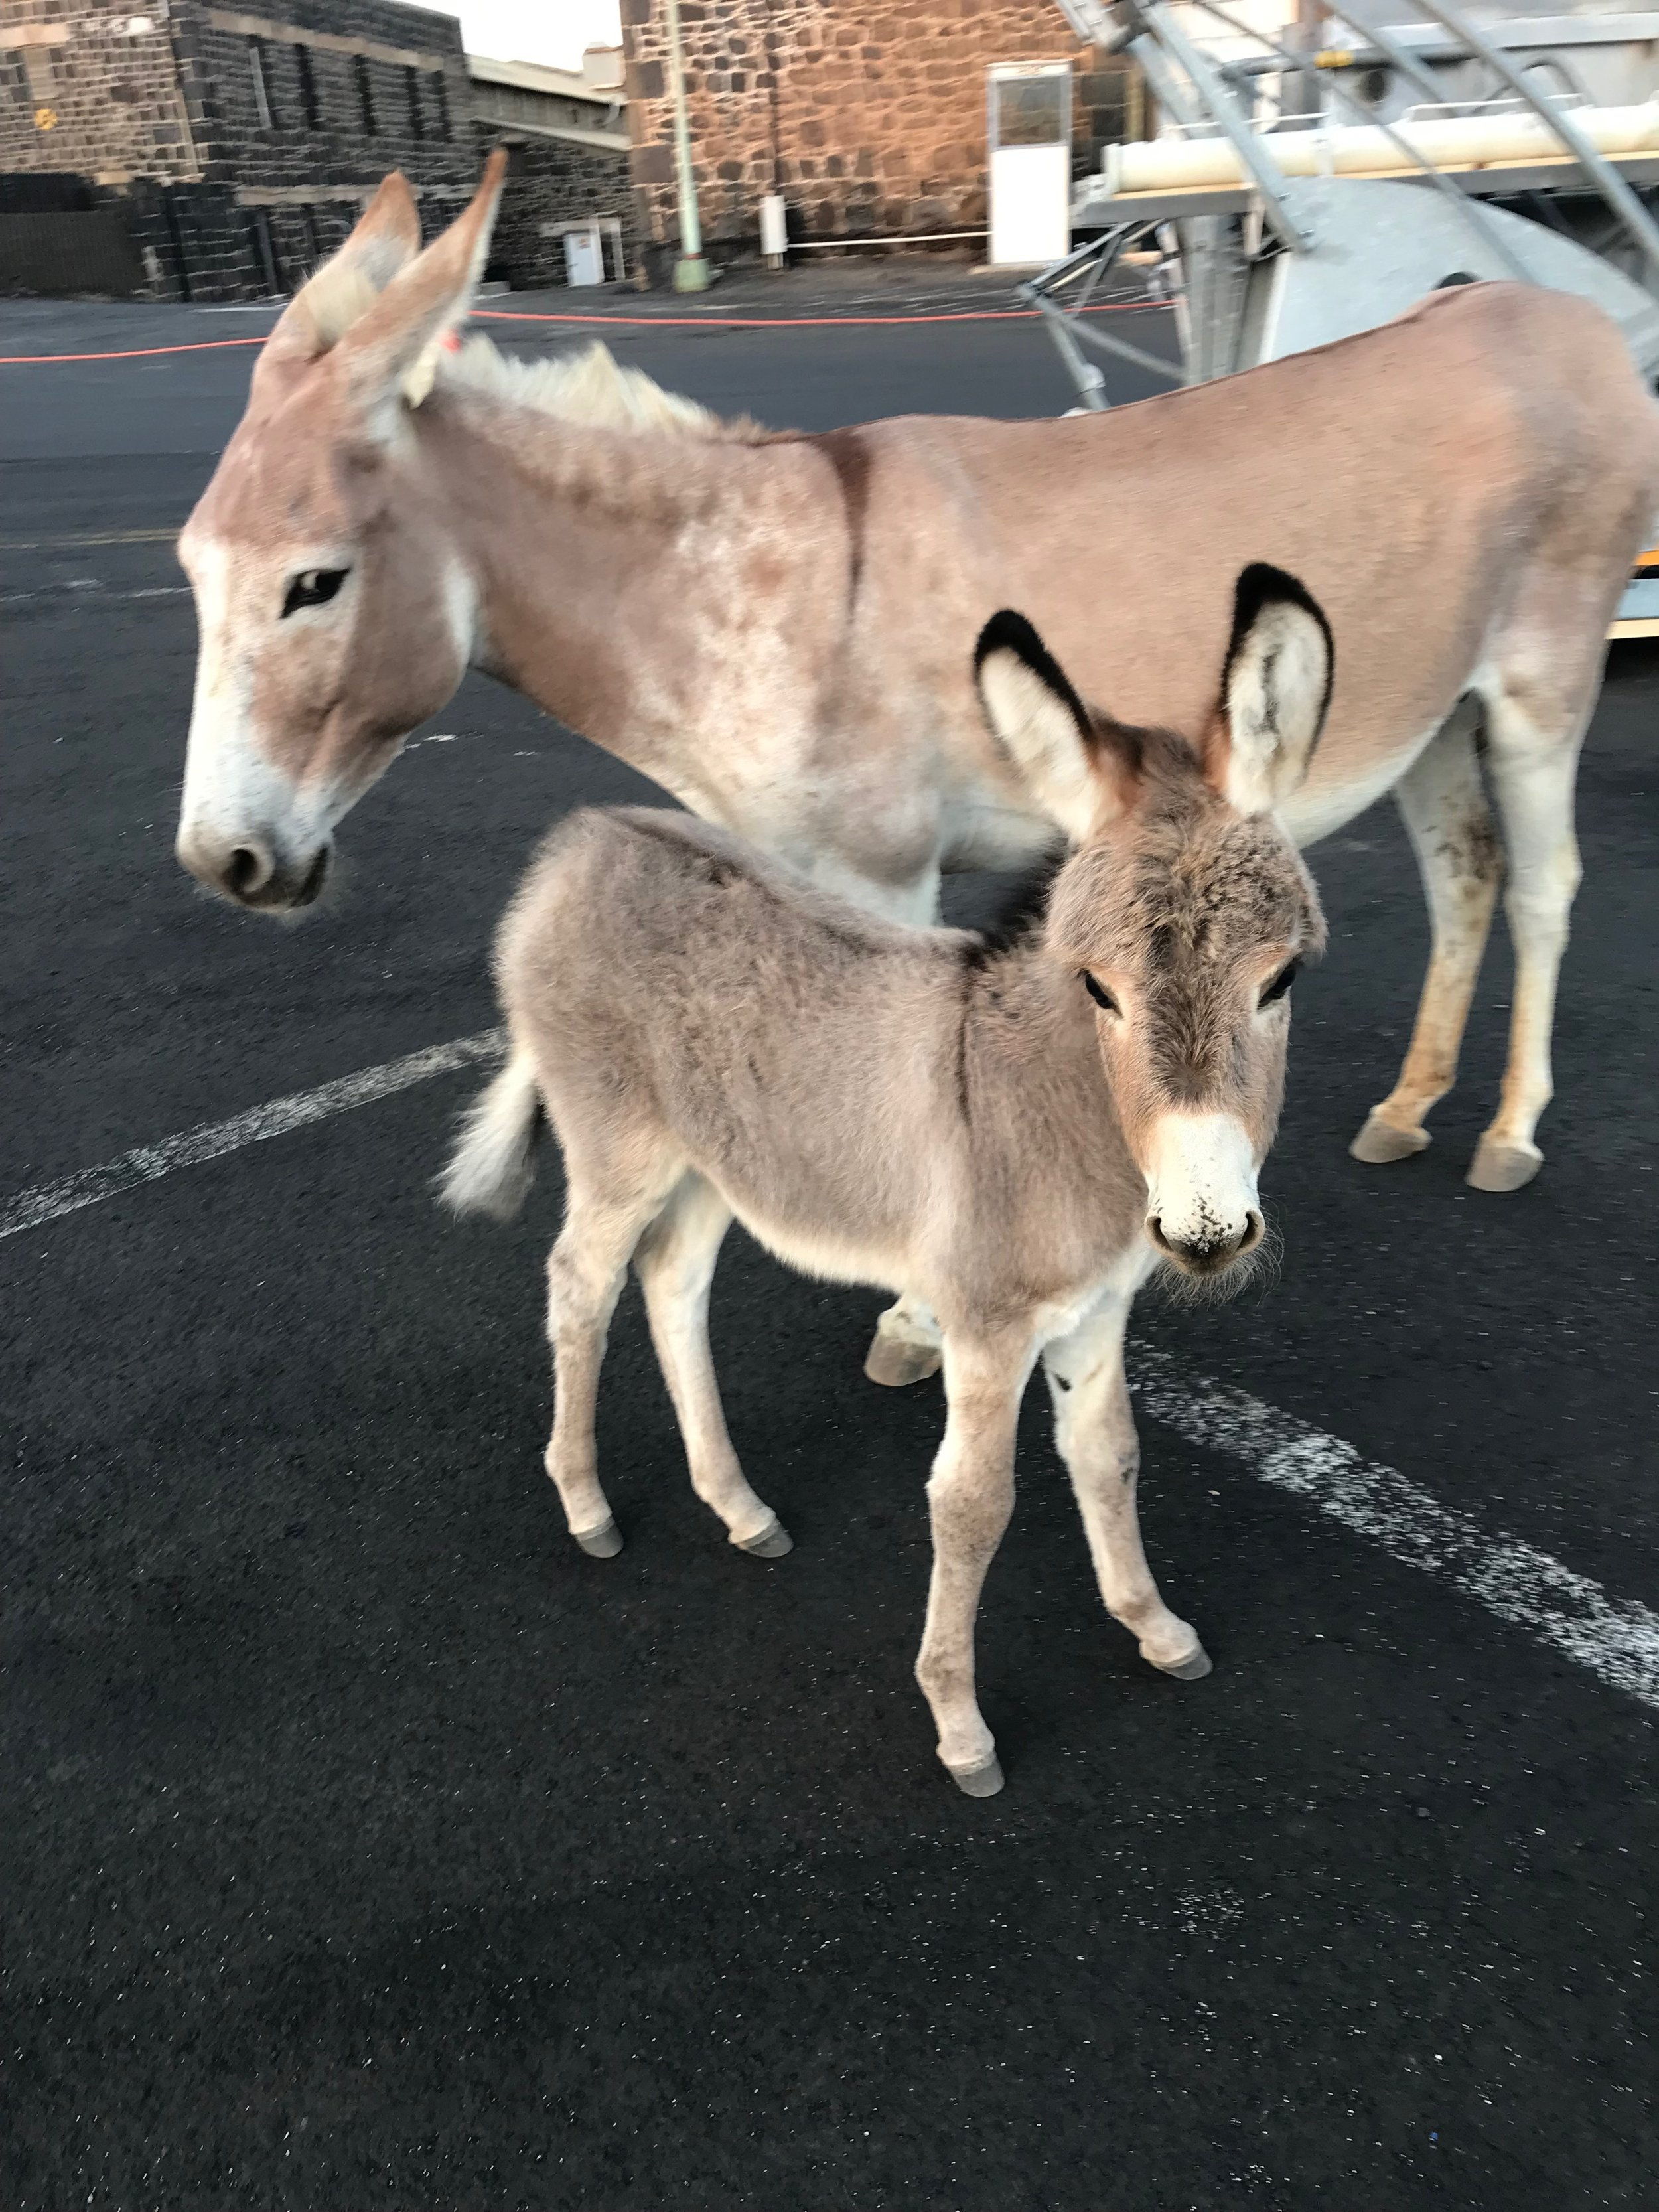 Donkeys wander the streets